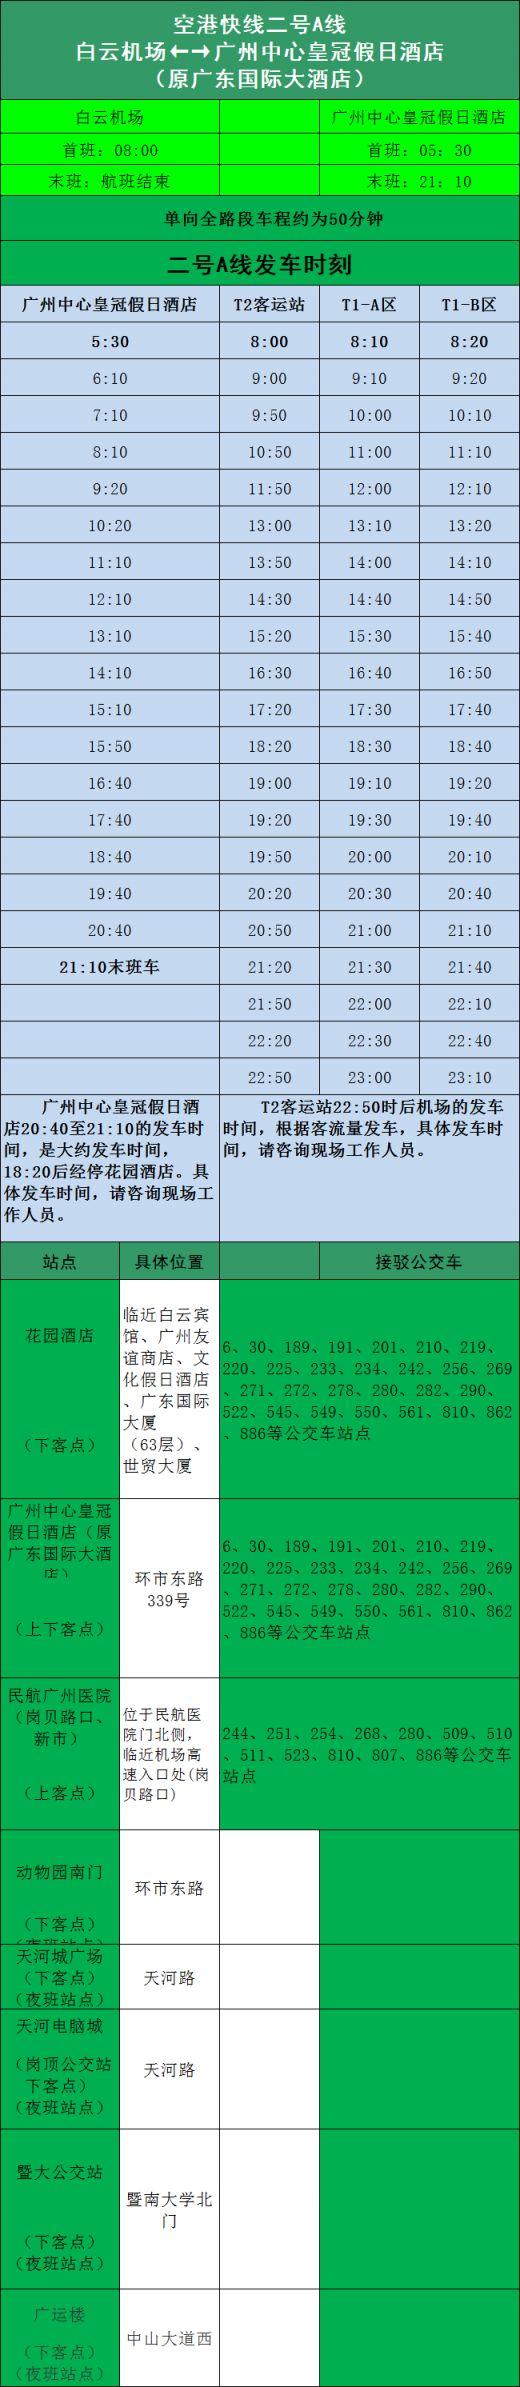 2018广州空港快线2a号线时刻表一览